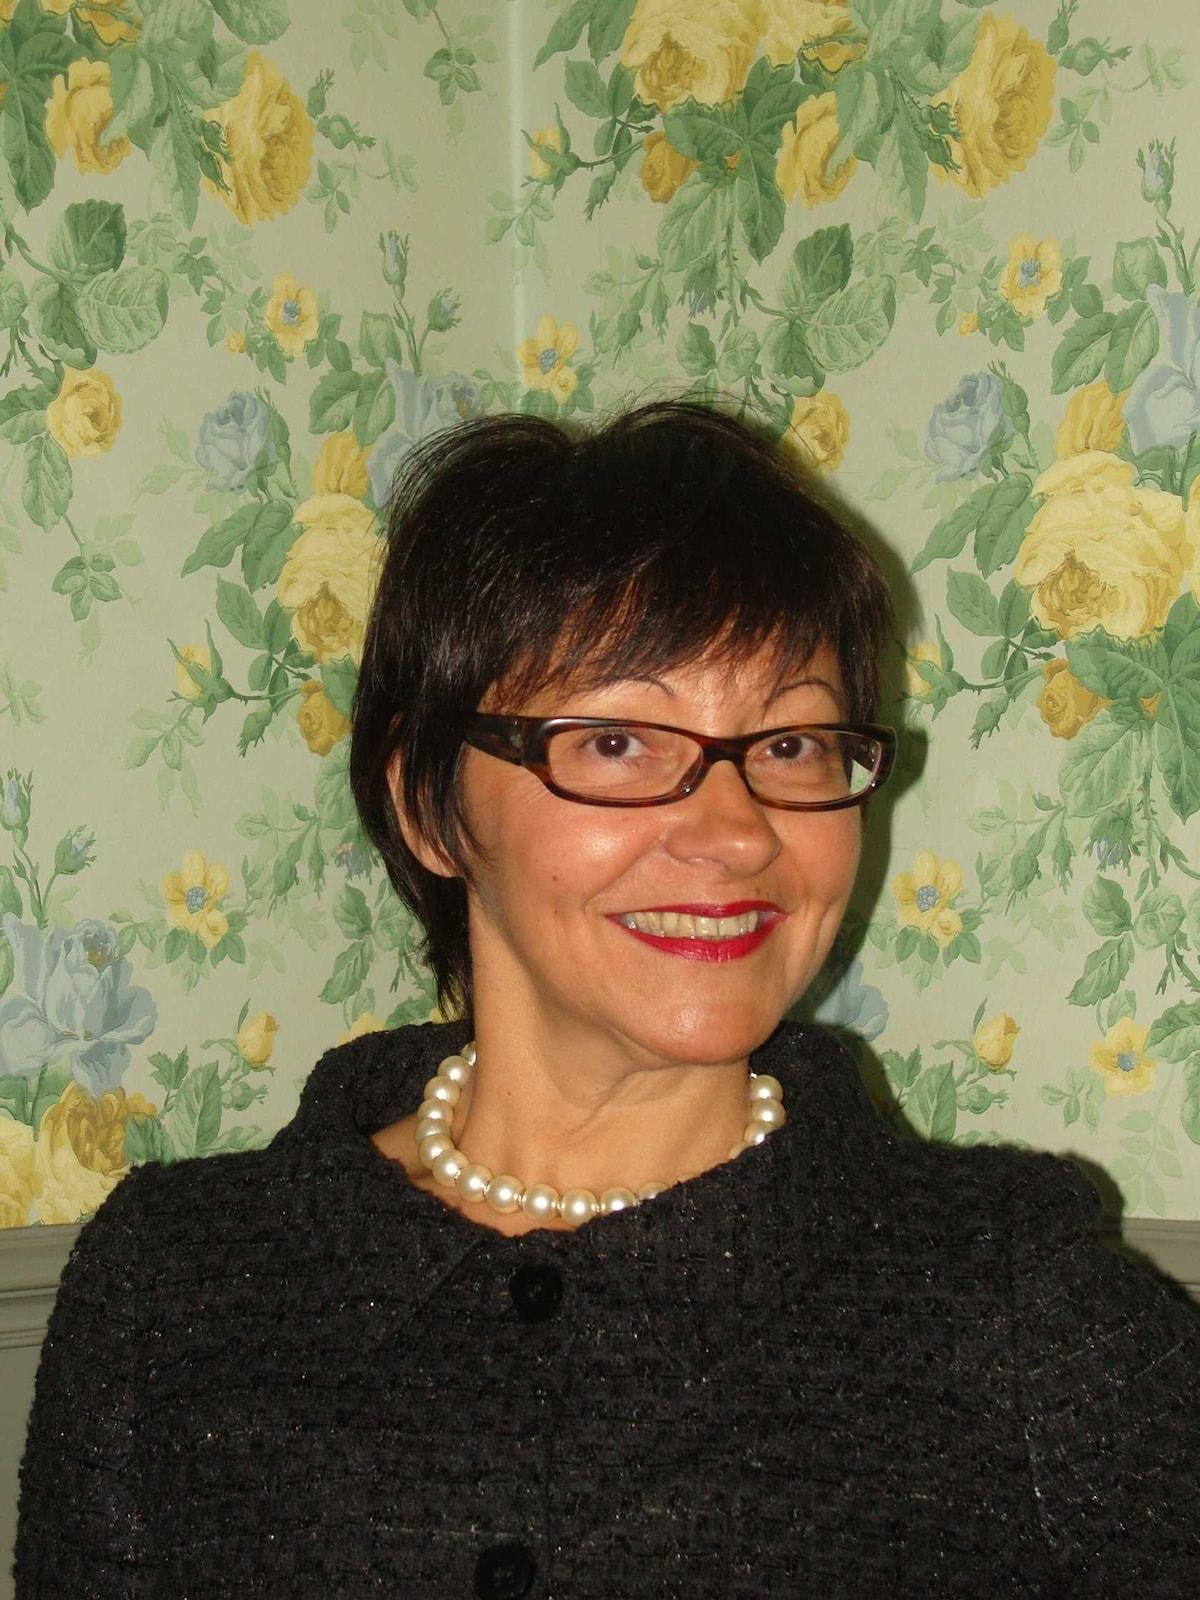 Marie-Hélène from Bordeaux